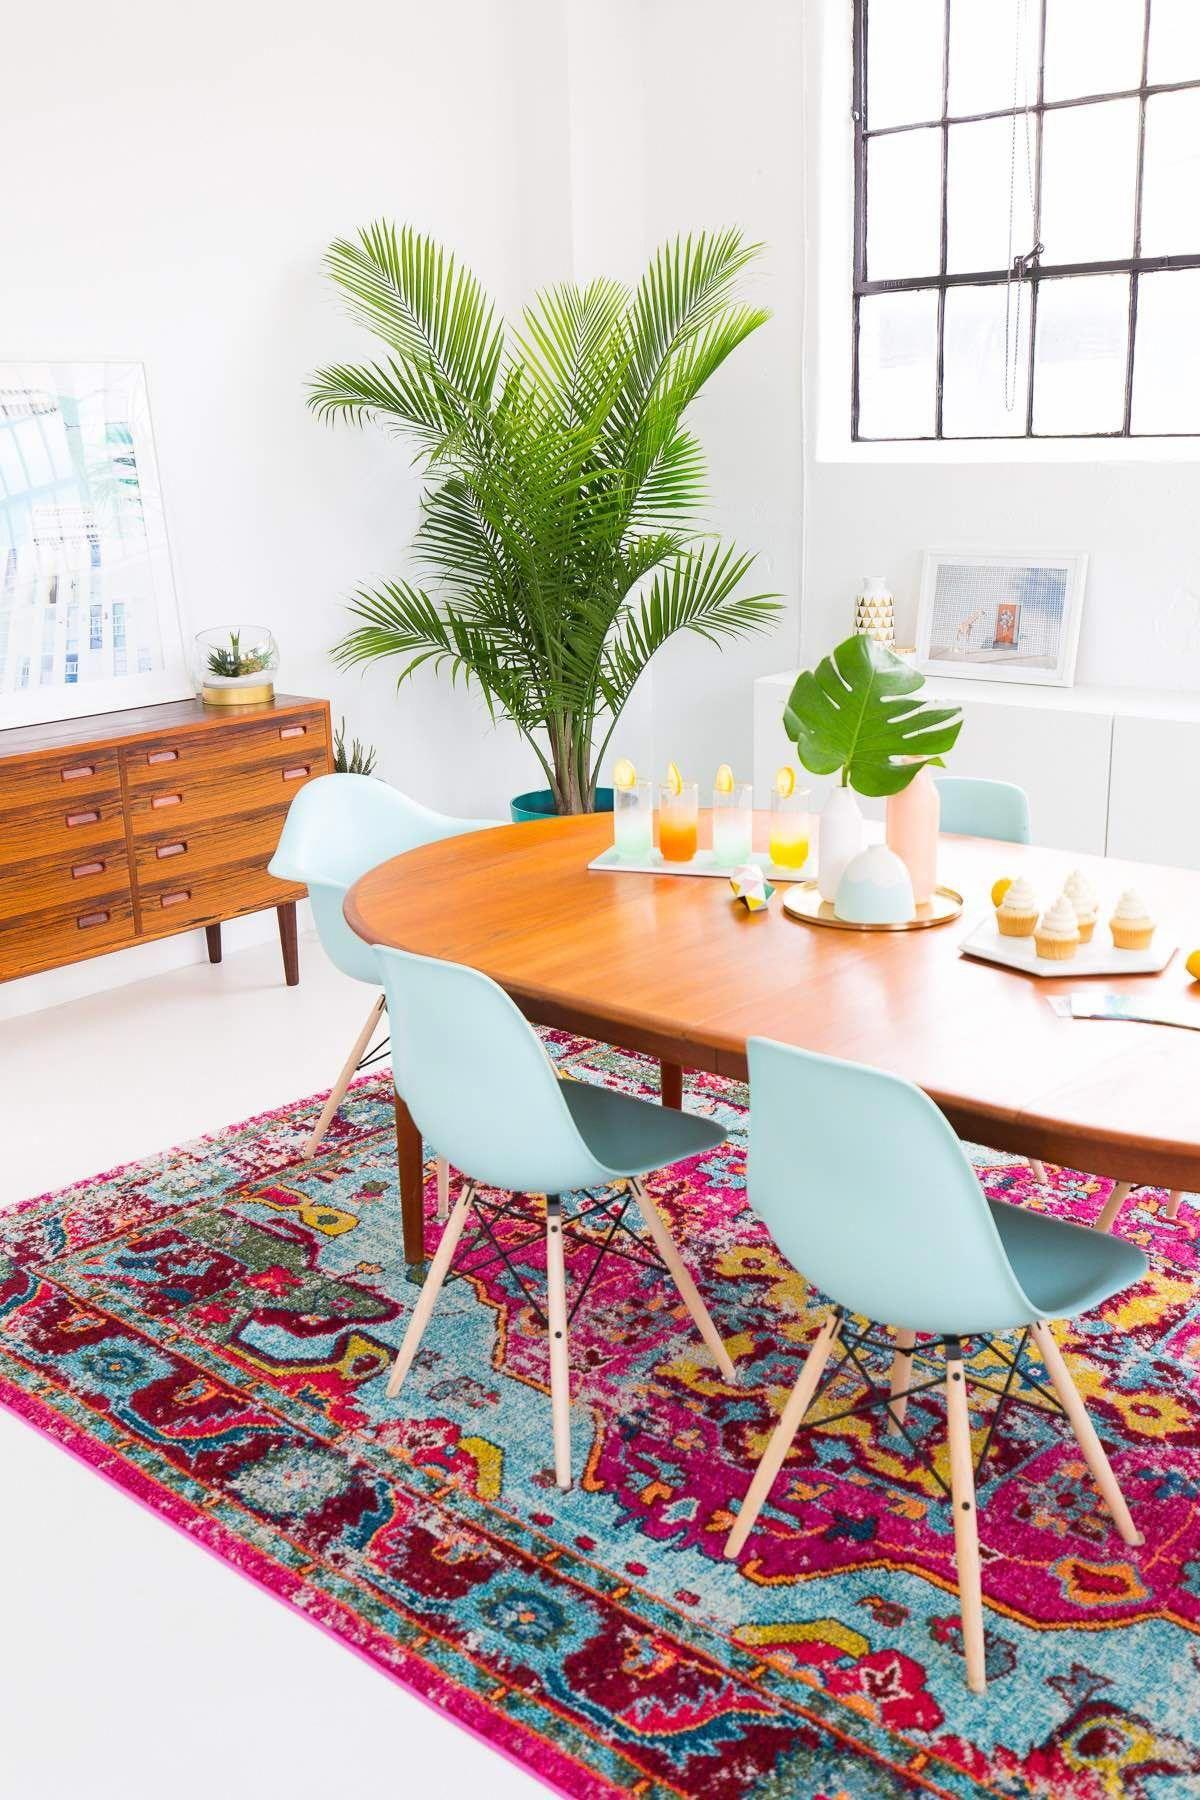 Dream Home Decor Loungeroom Inspo Home Decor Ideas Colourful Loungerooms Dreamhome Home Decor D Modern Dining Room Dining Room Design Retro Home Decor